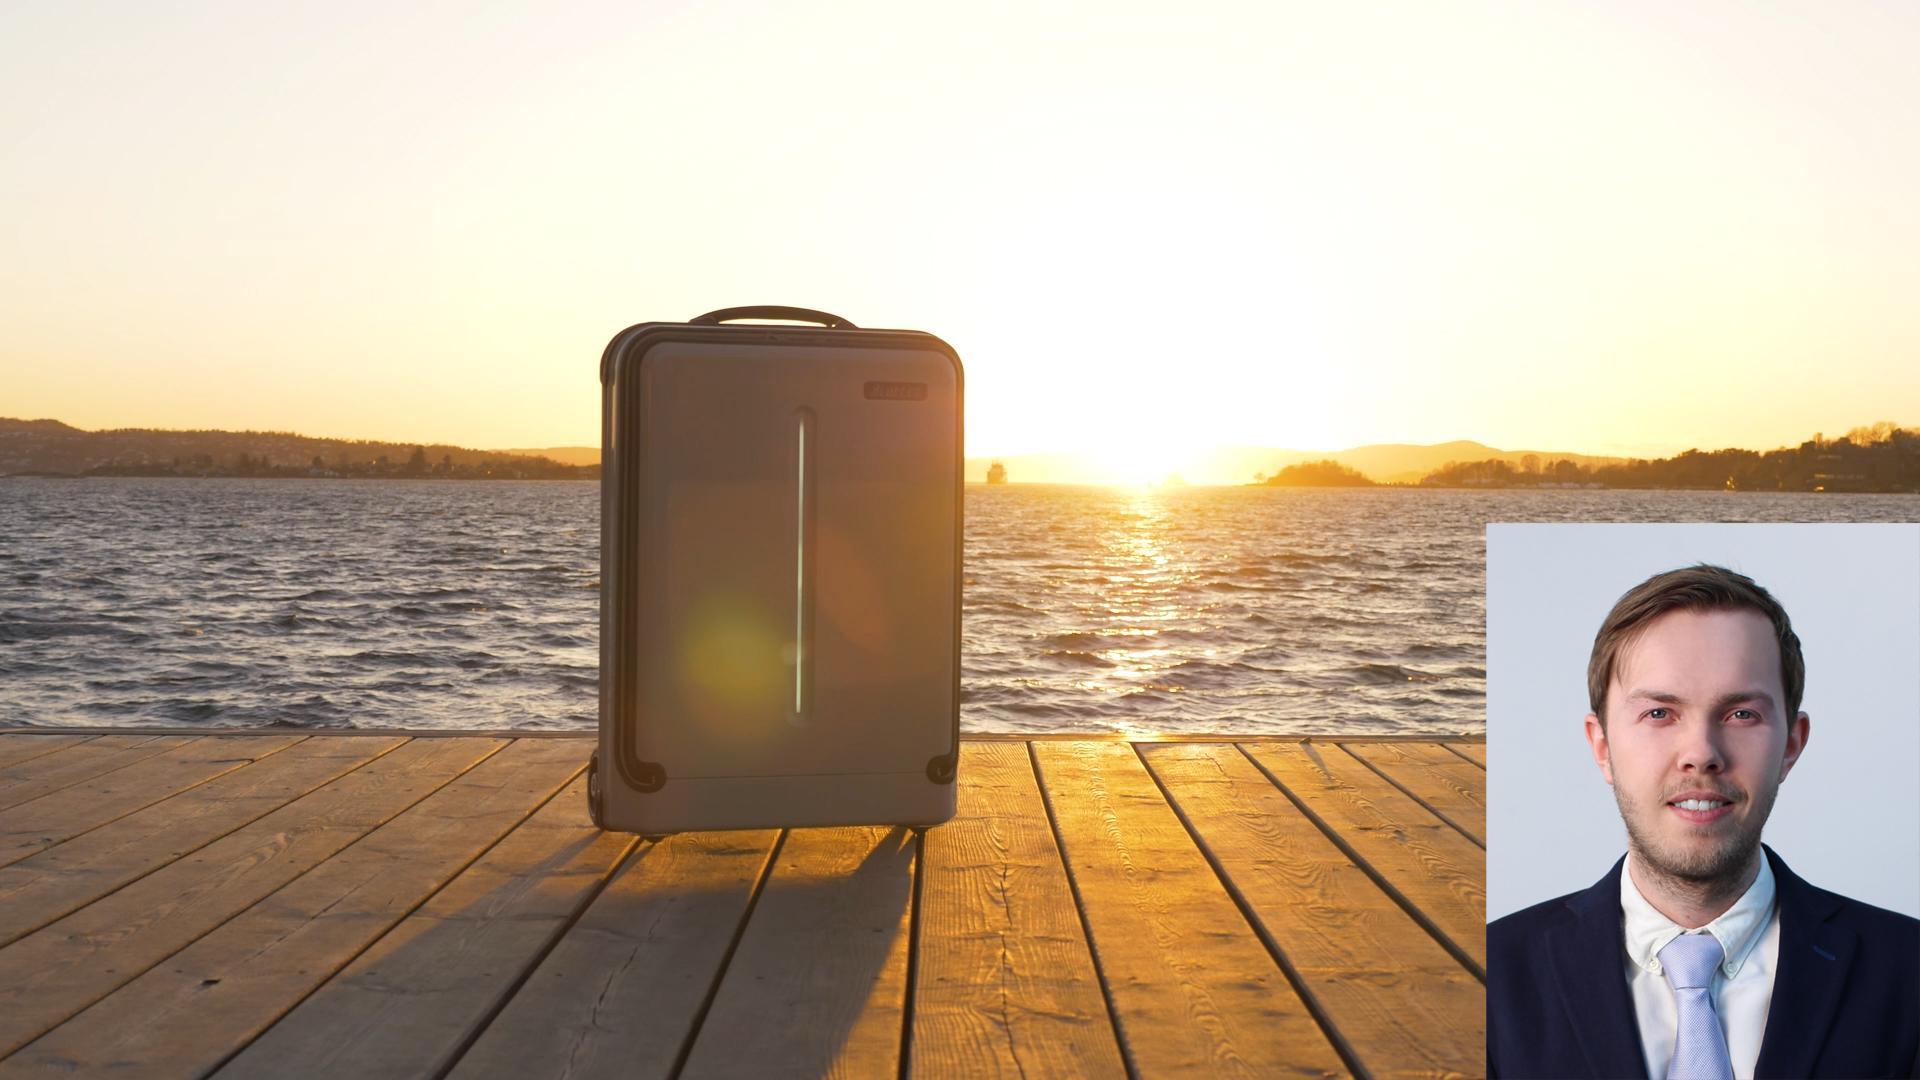 Ukens gründercase: – Terminalvandring blir en lek med fjernstyrt koffert